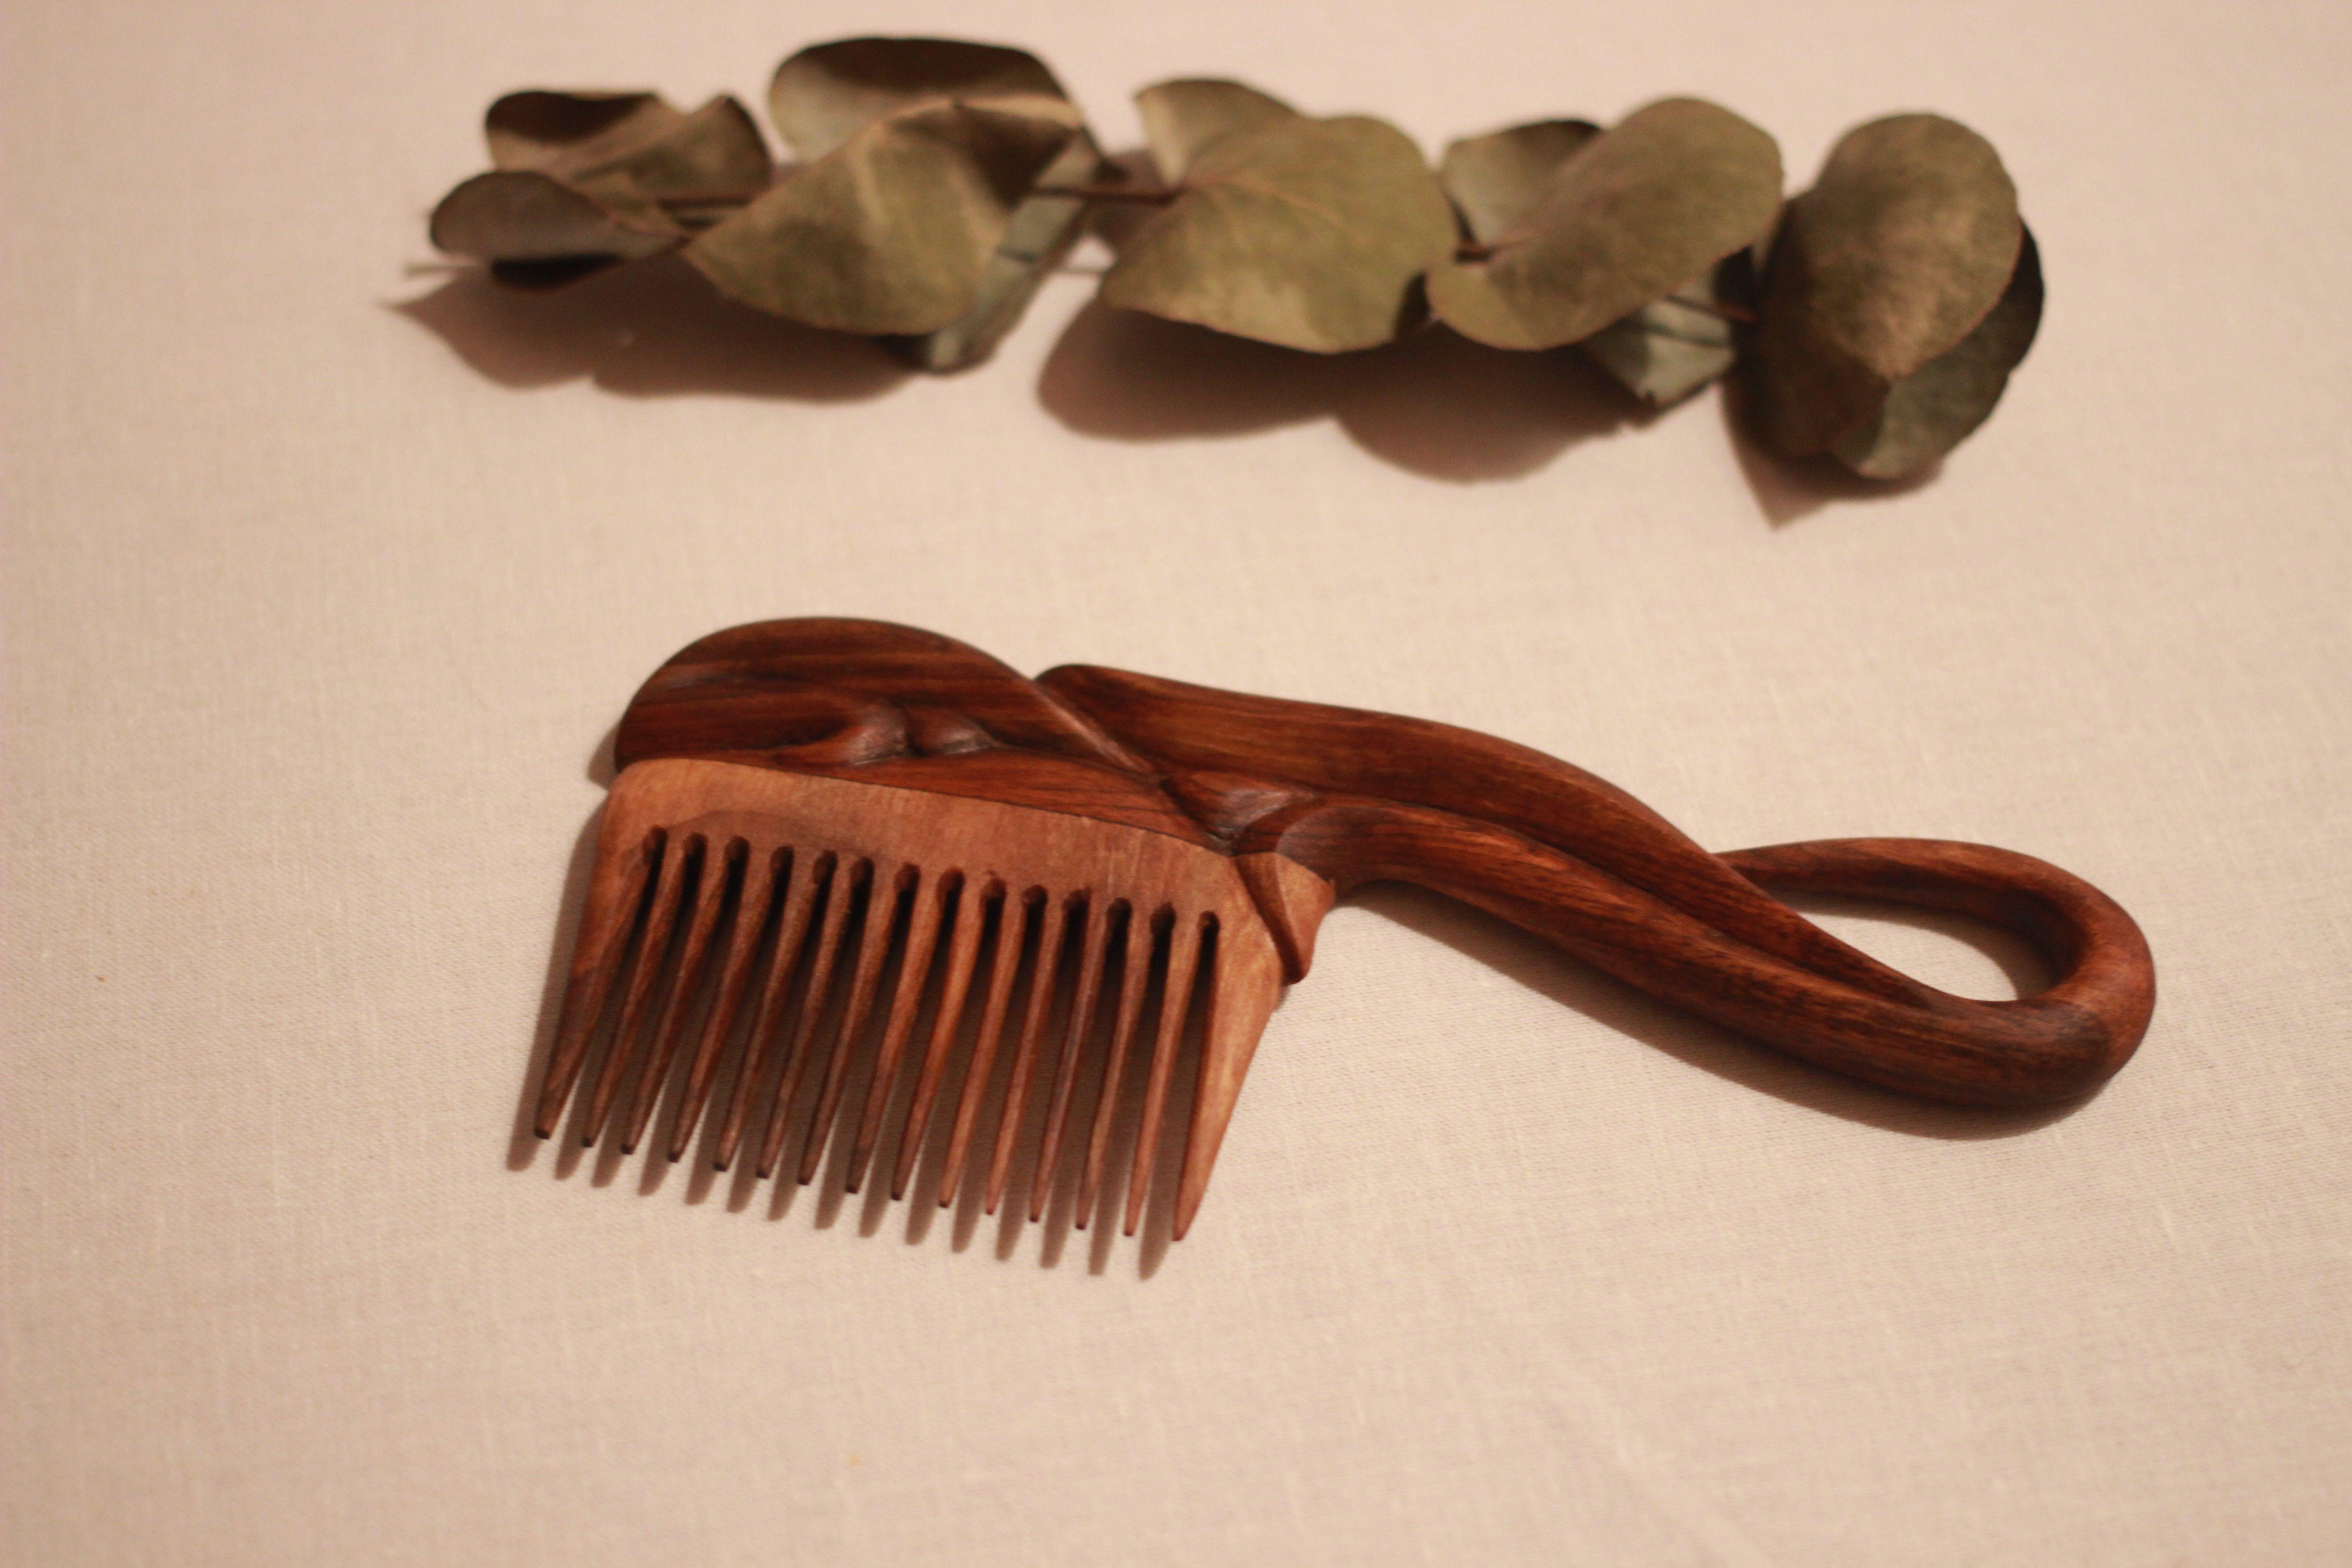 расческа девушке деревянная деревянный набор резная для заколка подарок женщине дереву резьба